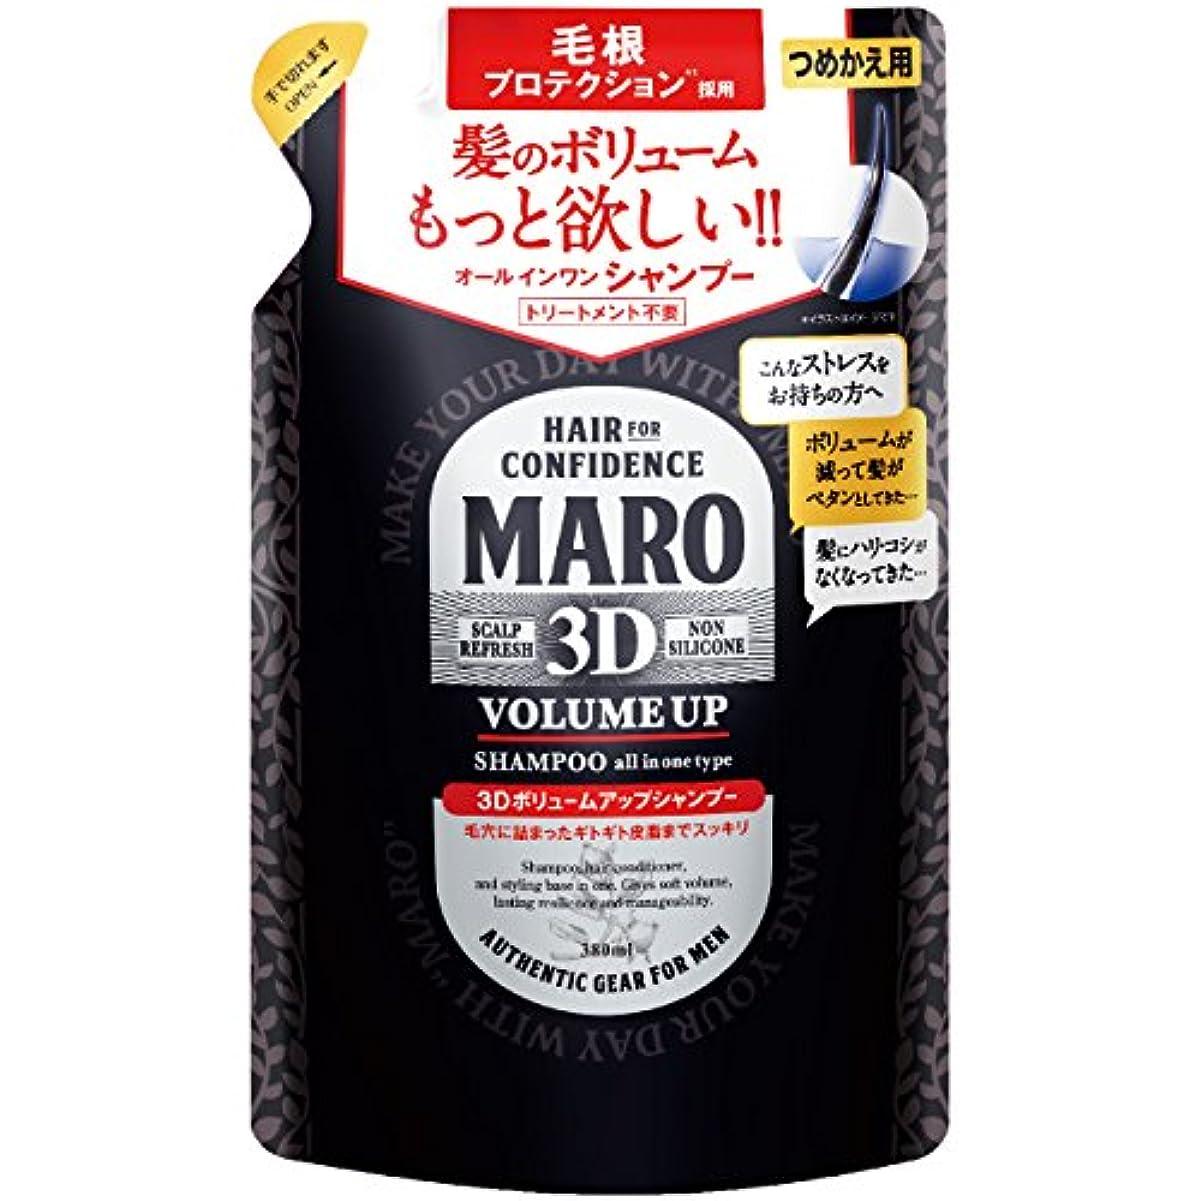 ミンチ着実に右MARO 3Dボリュームアップ シャンプー EX 詰め替え 380ml